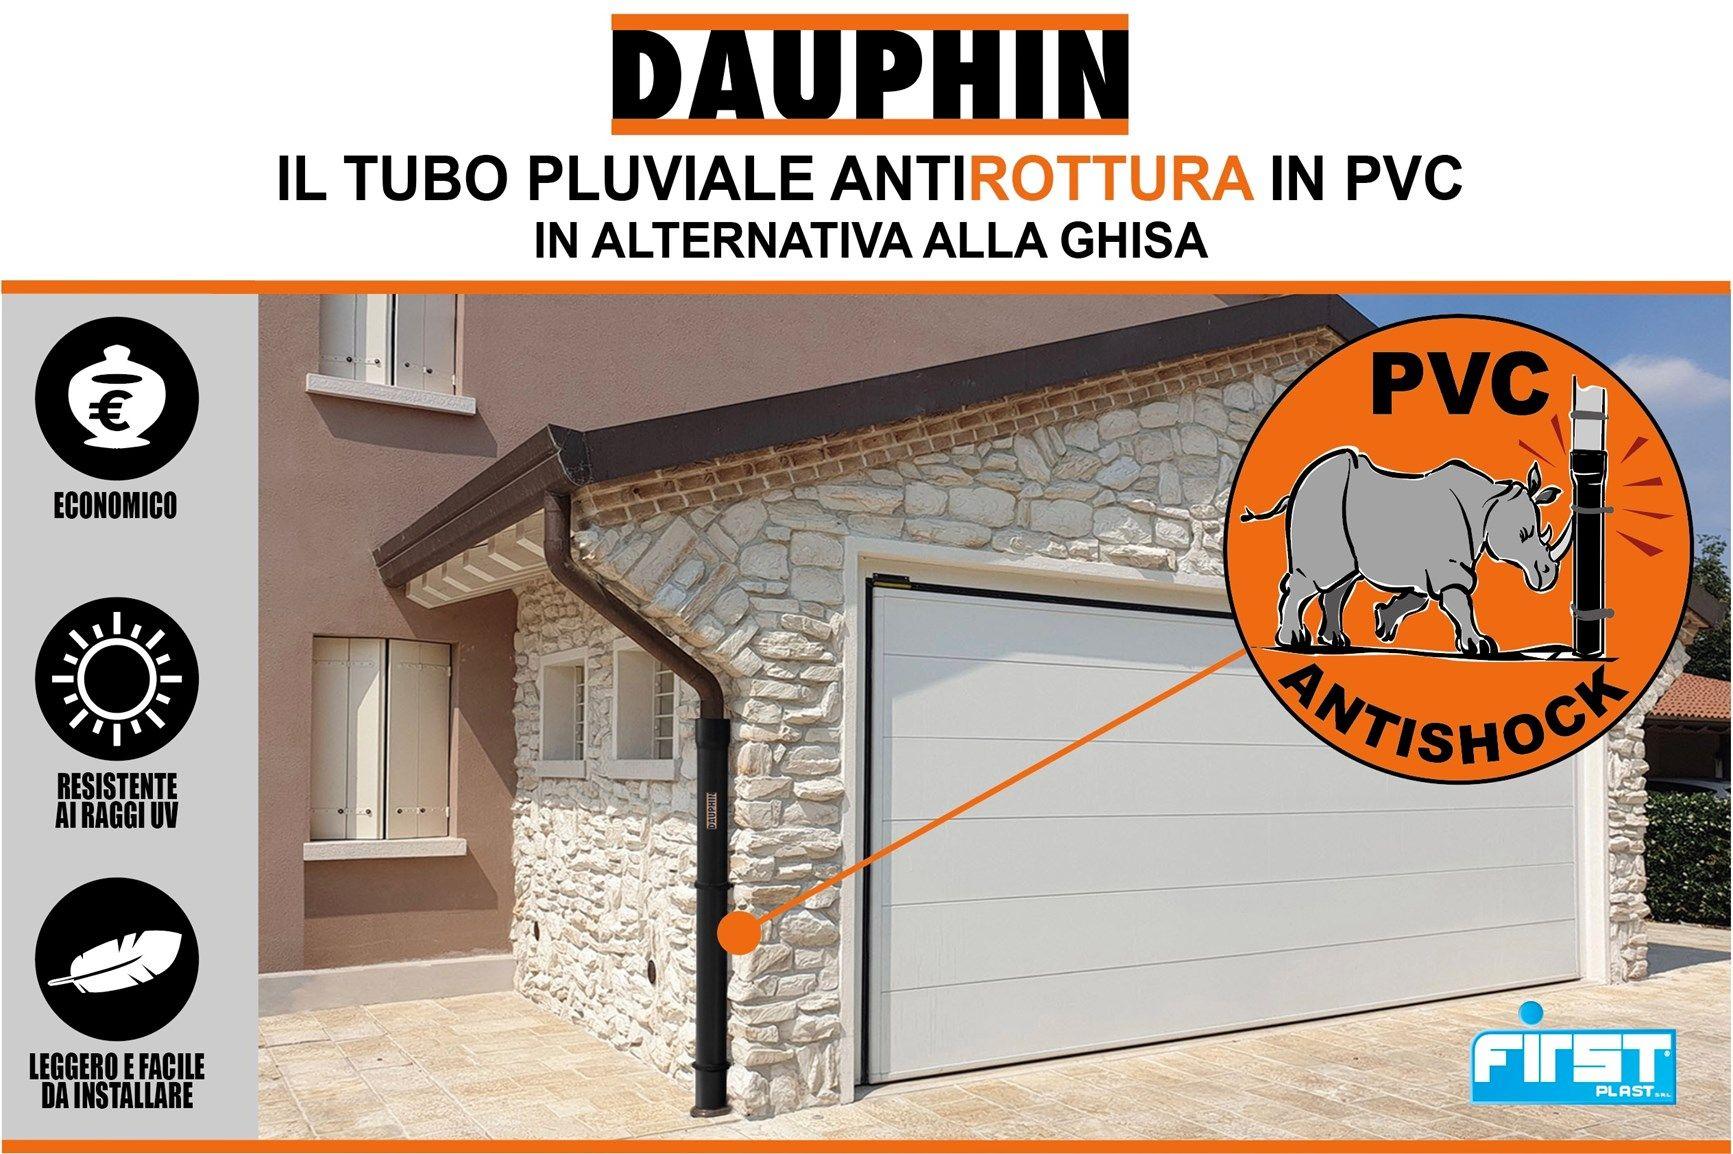 First Corporation presenta il tubo pluviale antiurto Dauphin